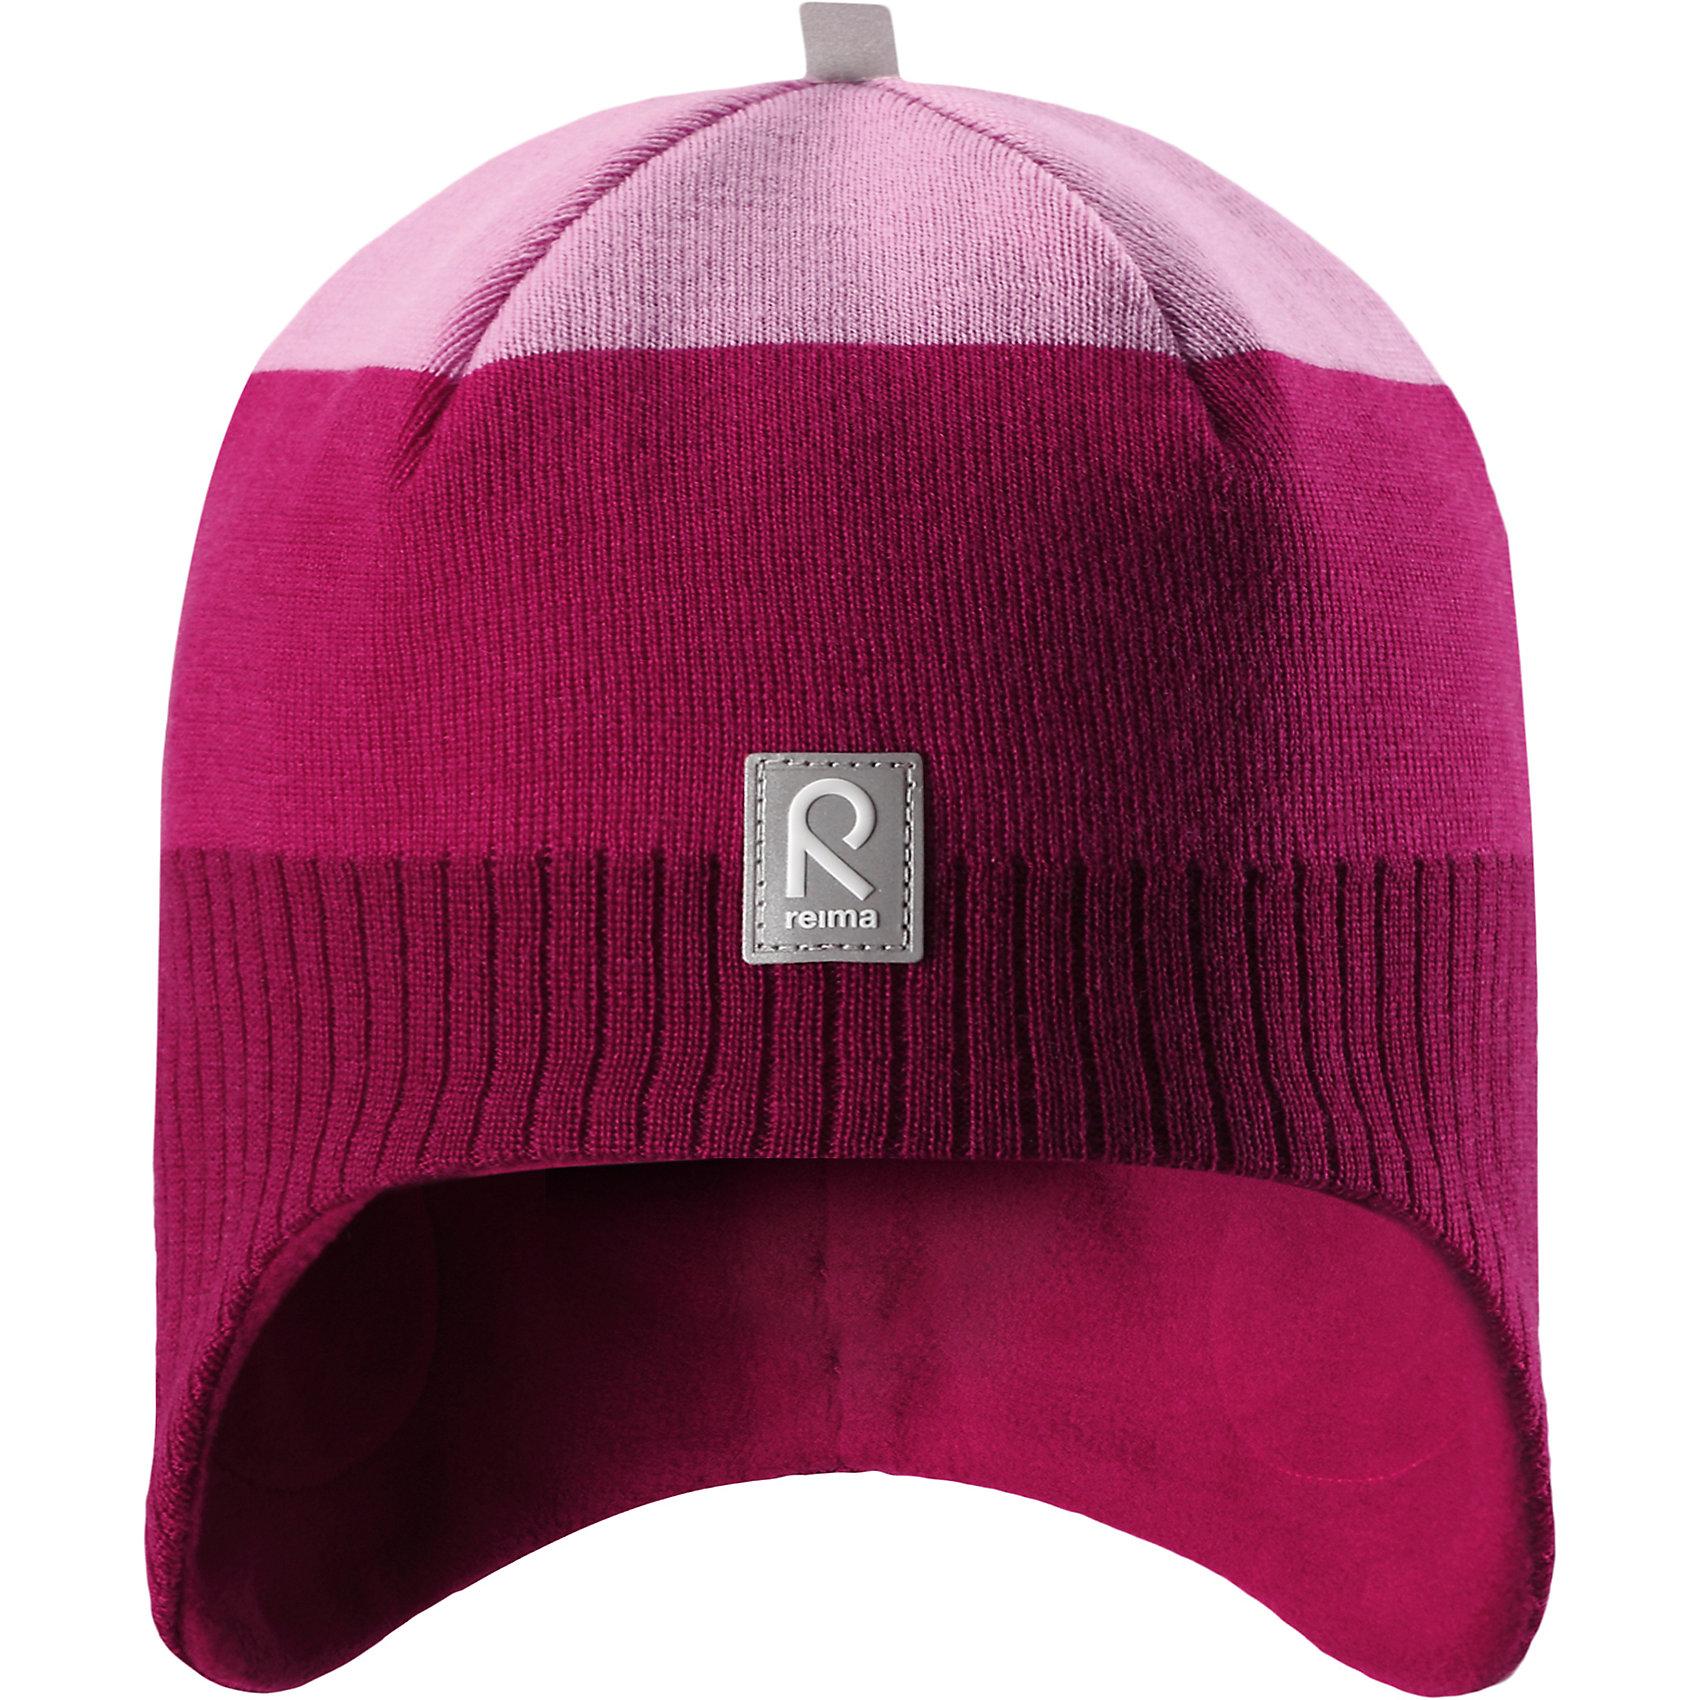 Шапка Reima LumulaГоловные уборы<br>Характеристики товара:<br><br>• цвет: розовый;<br>• состав: 100% шерсть;<br>• подкладка: 100% полиэстер, флис;<br>• без дополнительного утепления;<br>• сезон: зима;<br>• температурный режим: от 0 до -20С;<br>• мягкая ткань из мериносовой шерсти для поддержания идеальной температуры тела;<br>• ветронепроницаемые вставки в области ушей;<br>• сплошная подкладка: мягкий теплый флис;<br>• логотип Reima® спереди;<br>• страна бренда: Финляндия;<br>• страна изготовитель: Китай.<br><br>Детская шерстяная шапка хорошо защищает уши. Эта удобная модель хорошо закрывает уши ребенка и защищает лоб даже без завязок. Стильная шапка из 100% шерсти подшита удобной теплой флисовой подкладкой из полиэстера. Материал быстро сохнет и обладает влагоотводящими свойствами. Ветронепроницаемые вставки между верхним слоем и подкладкой обеспечивают ушкам дополнительную защиту от ветра.<br><br>Шапку Lumula Reima от финского бренда Reima (Рейма) можно купить в нашем интернет-магазине.<br><br>Ширина мм: 89<br>Глубина мм: 117<br>Высота мм: 44<br>Вес г: 155<br>Цвет: розовый<br>Возраст от месяцев: 84<br>Возраст до месяцев: 144<br>Пол: Унисекс<br>Возраст: Детский<br>Размер: 56,50,52,54<br>SKU: 6902558